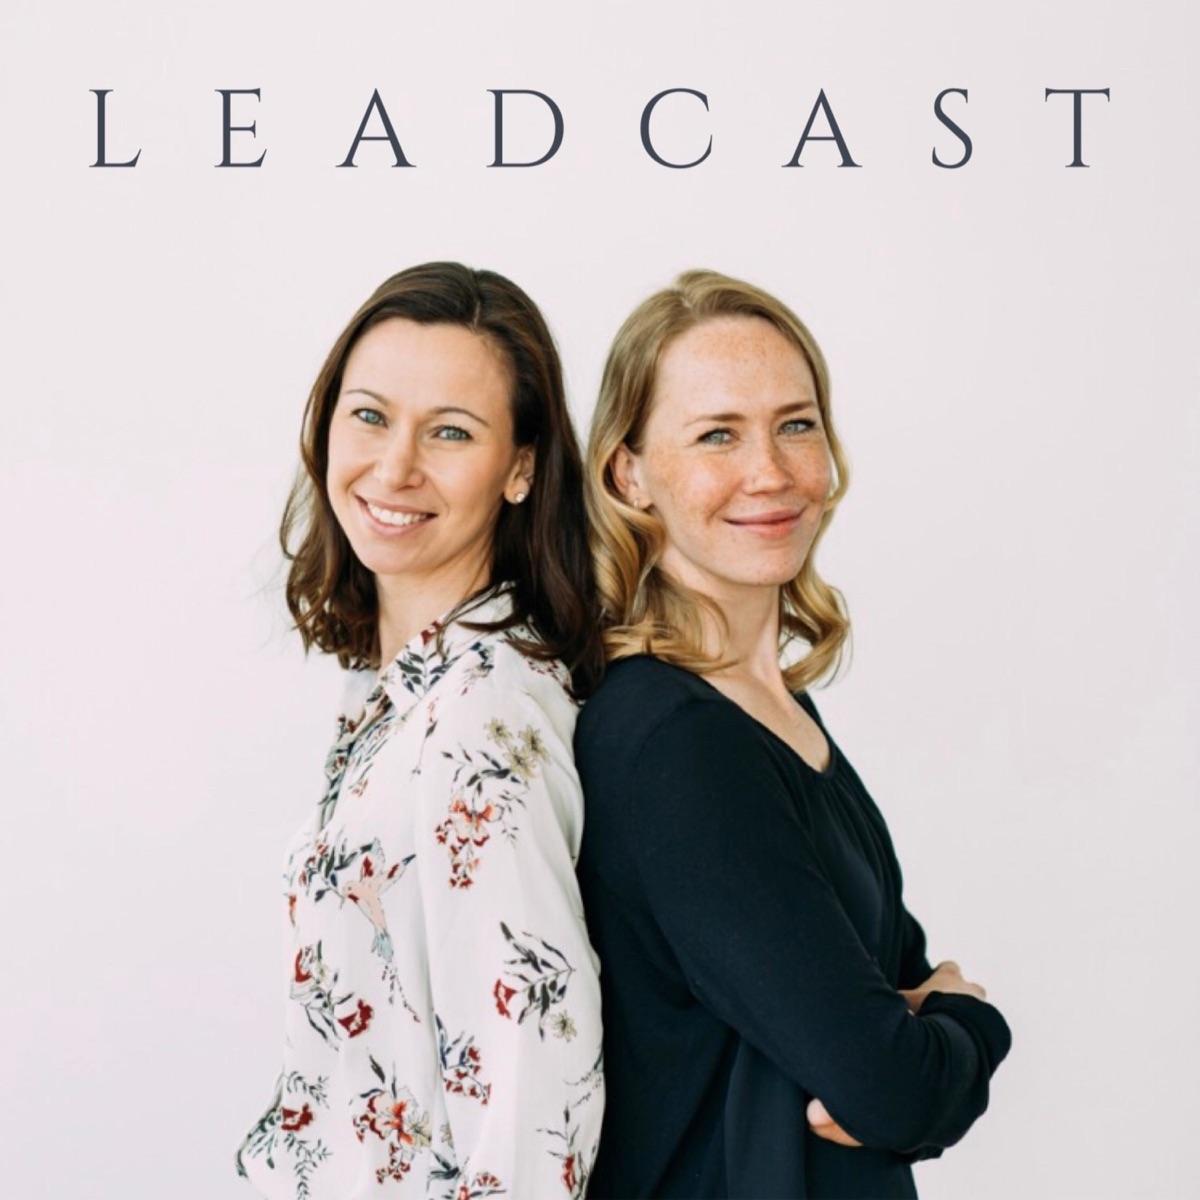 Leadcast